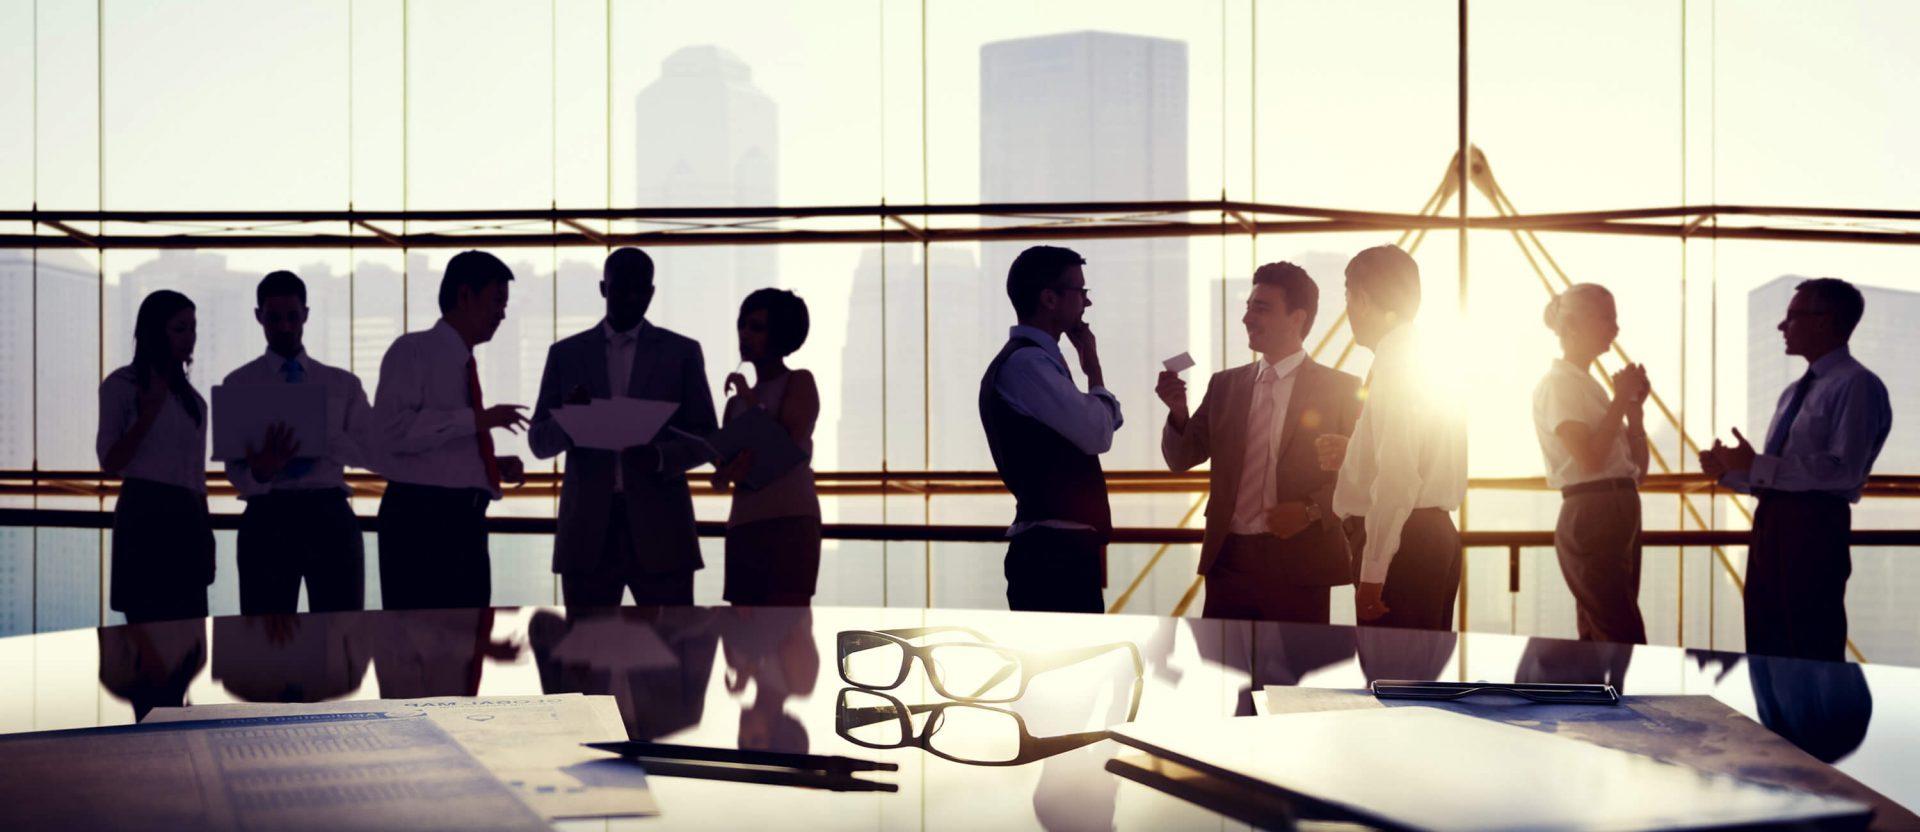 Eine Gruppen von Menschen im Dialog